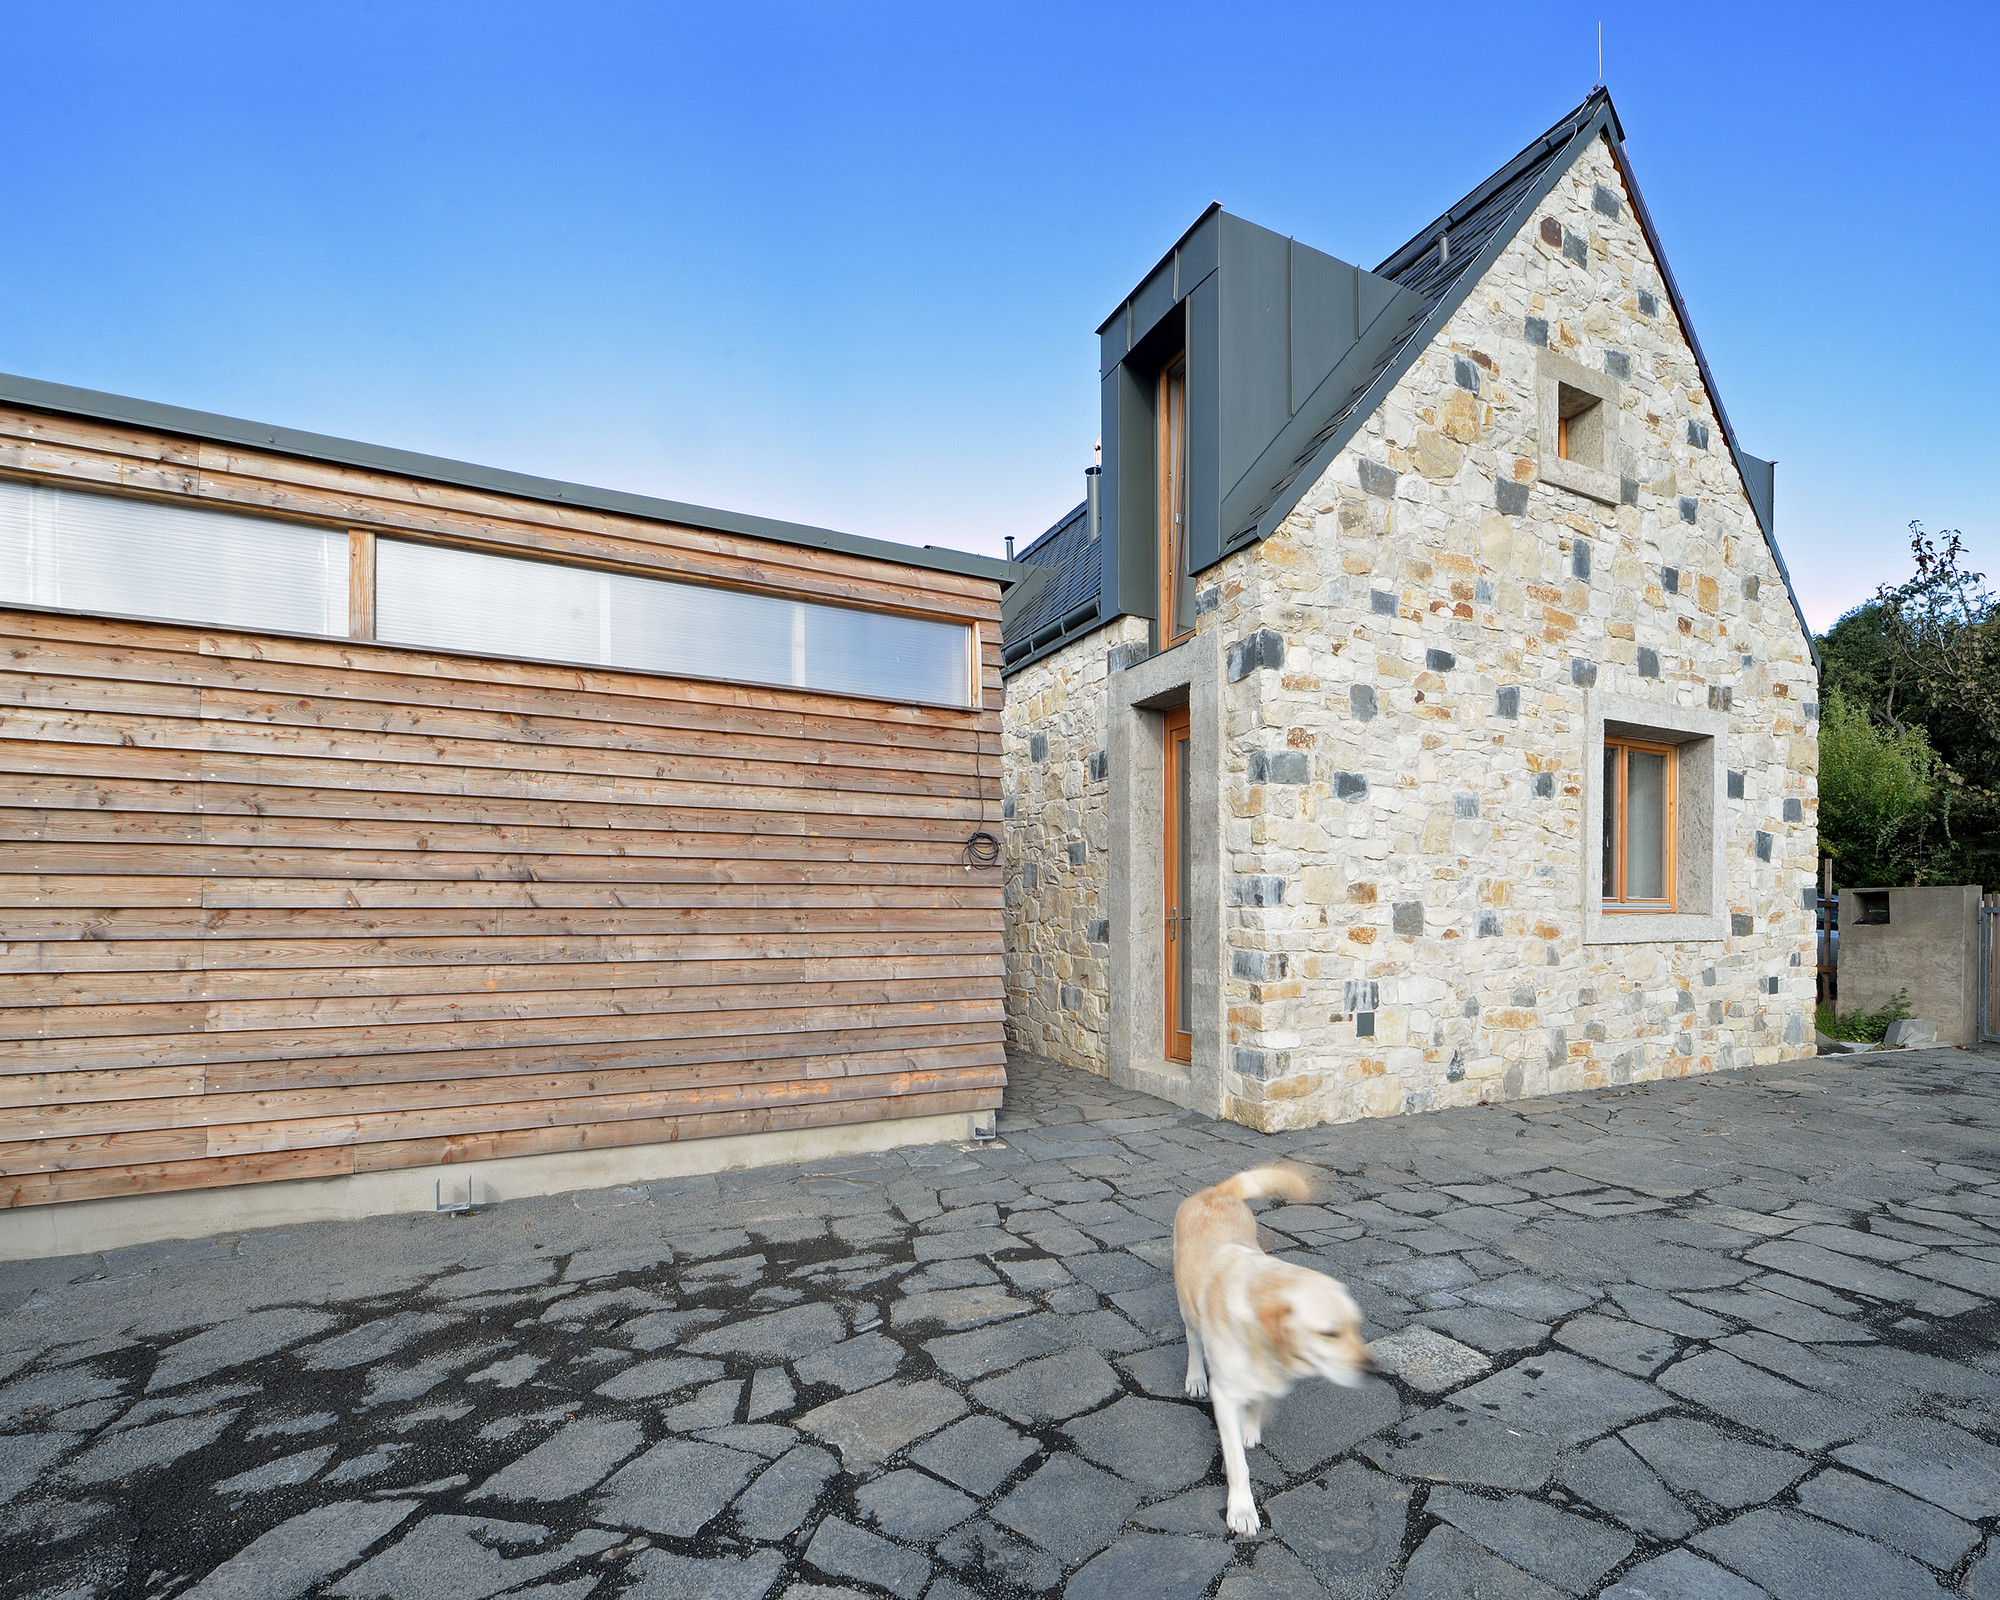 Family house Kostalov / 3+1 architekti, © Pavel Plánička